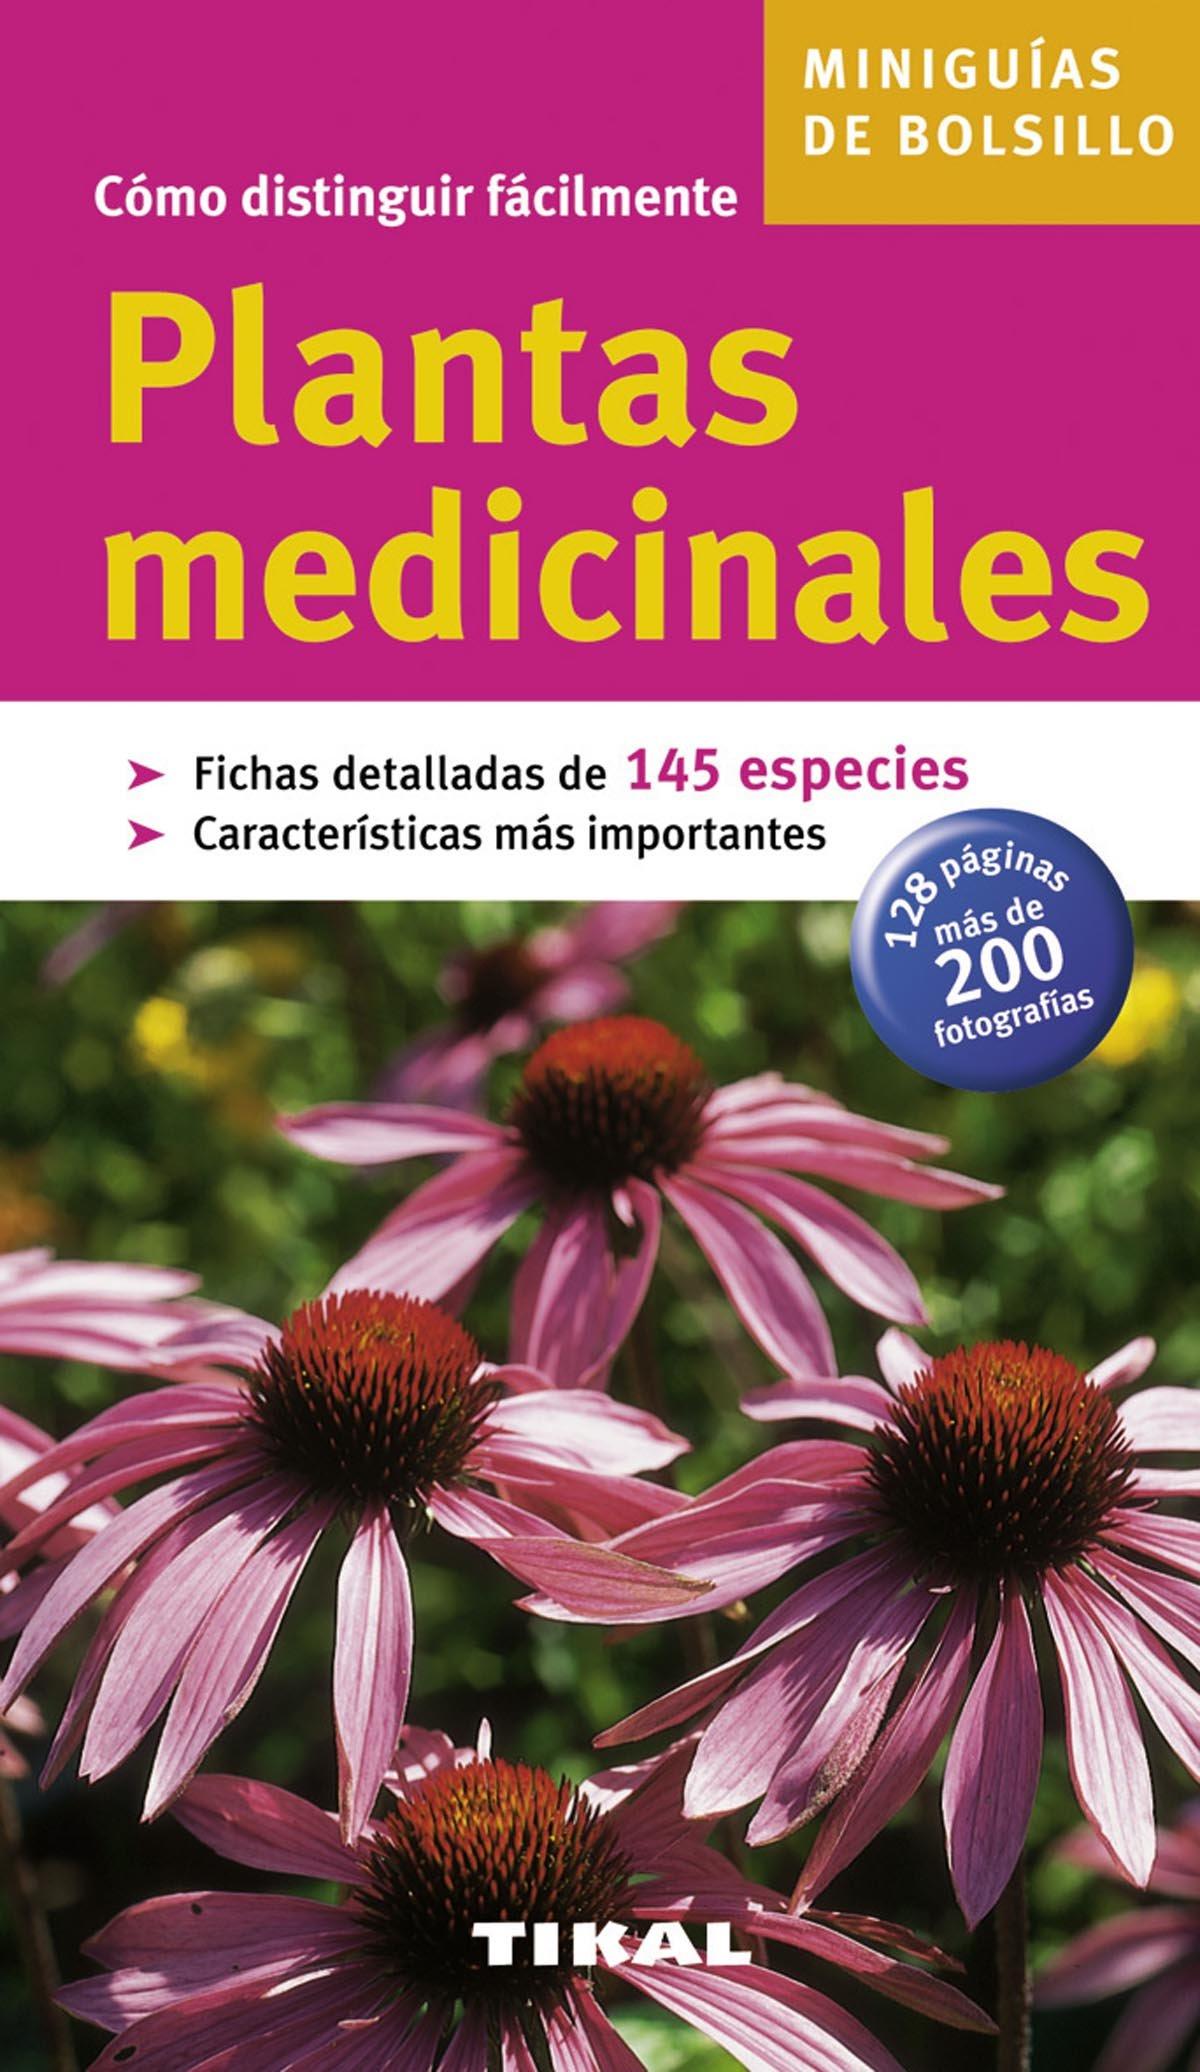 Plantas medicinales (Miniguias de bolsillo): Amazon.es: Tikal Ediciones S A: Libros